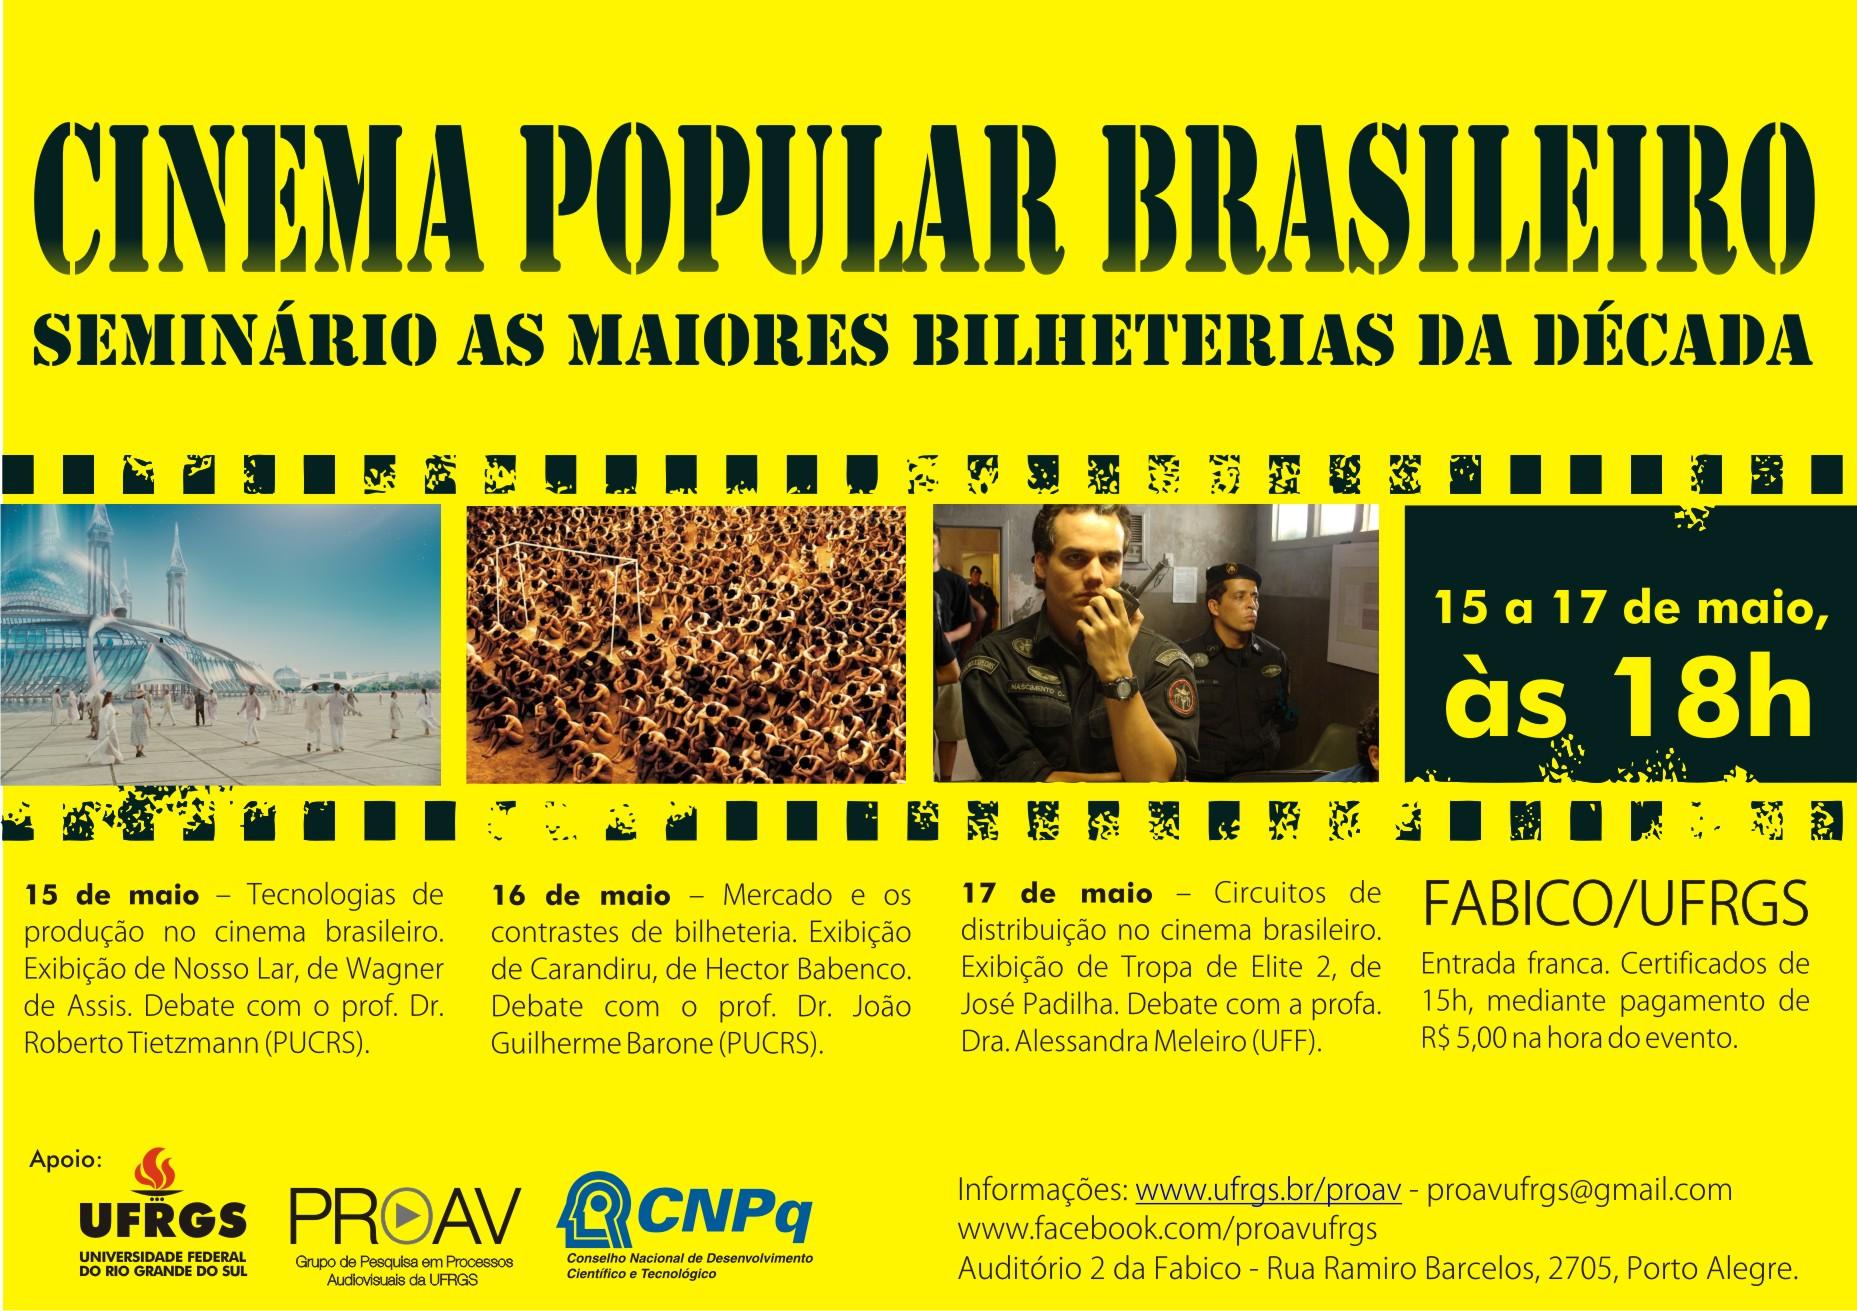 Cinema Popular Brasileiro